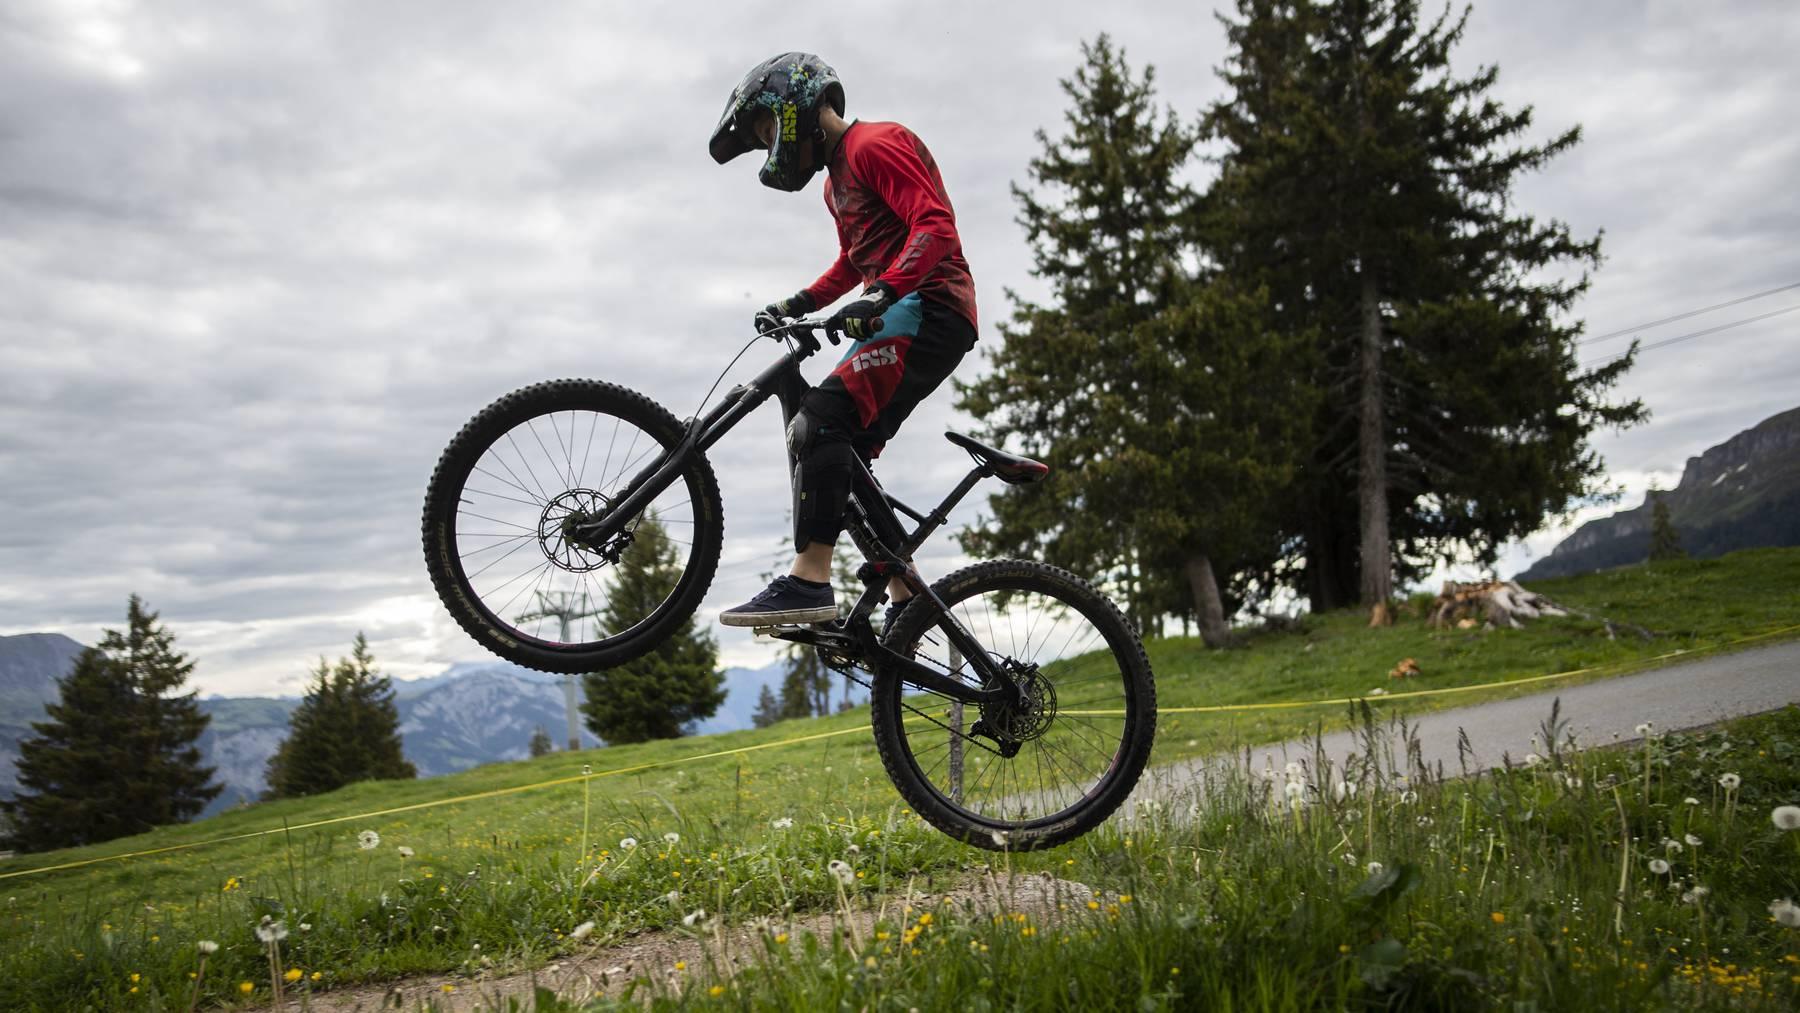 Der Mountainbike-Sport hat in den letzten Jahren einen Boom erlebt. (Symbolbild)